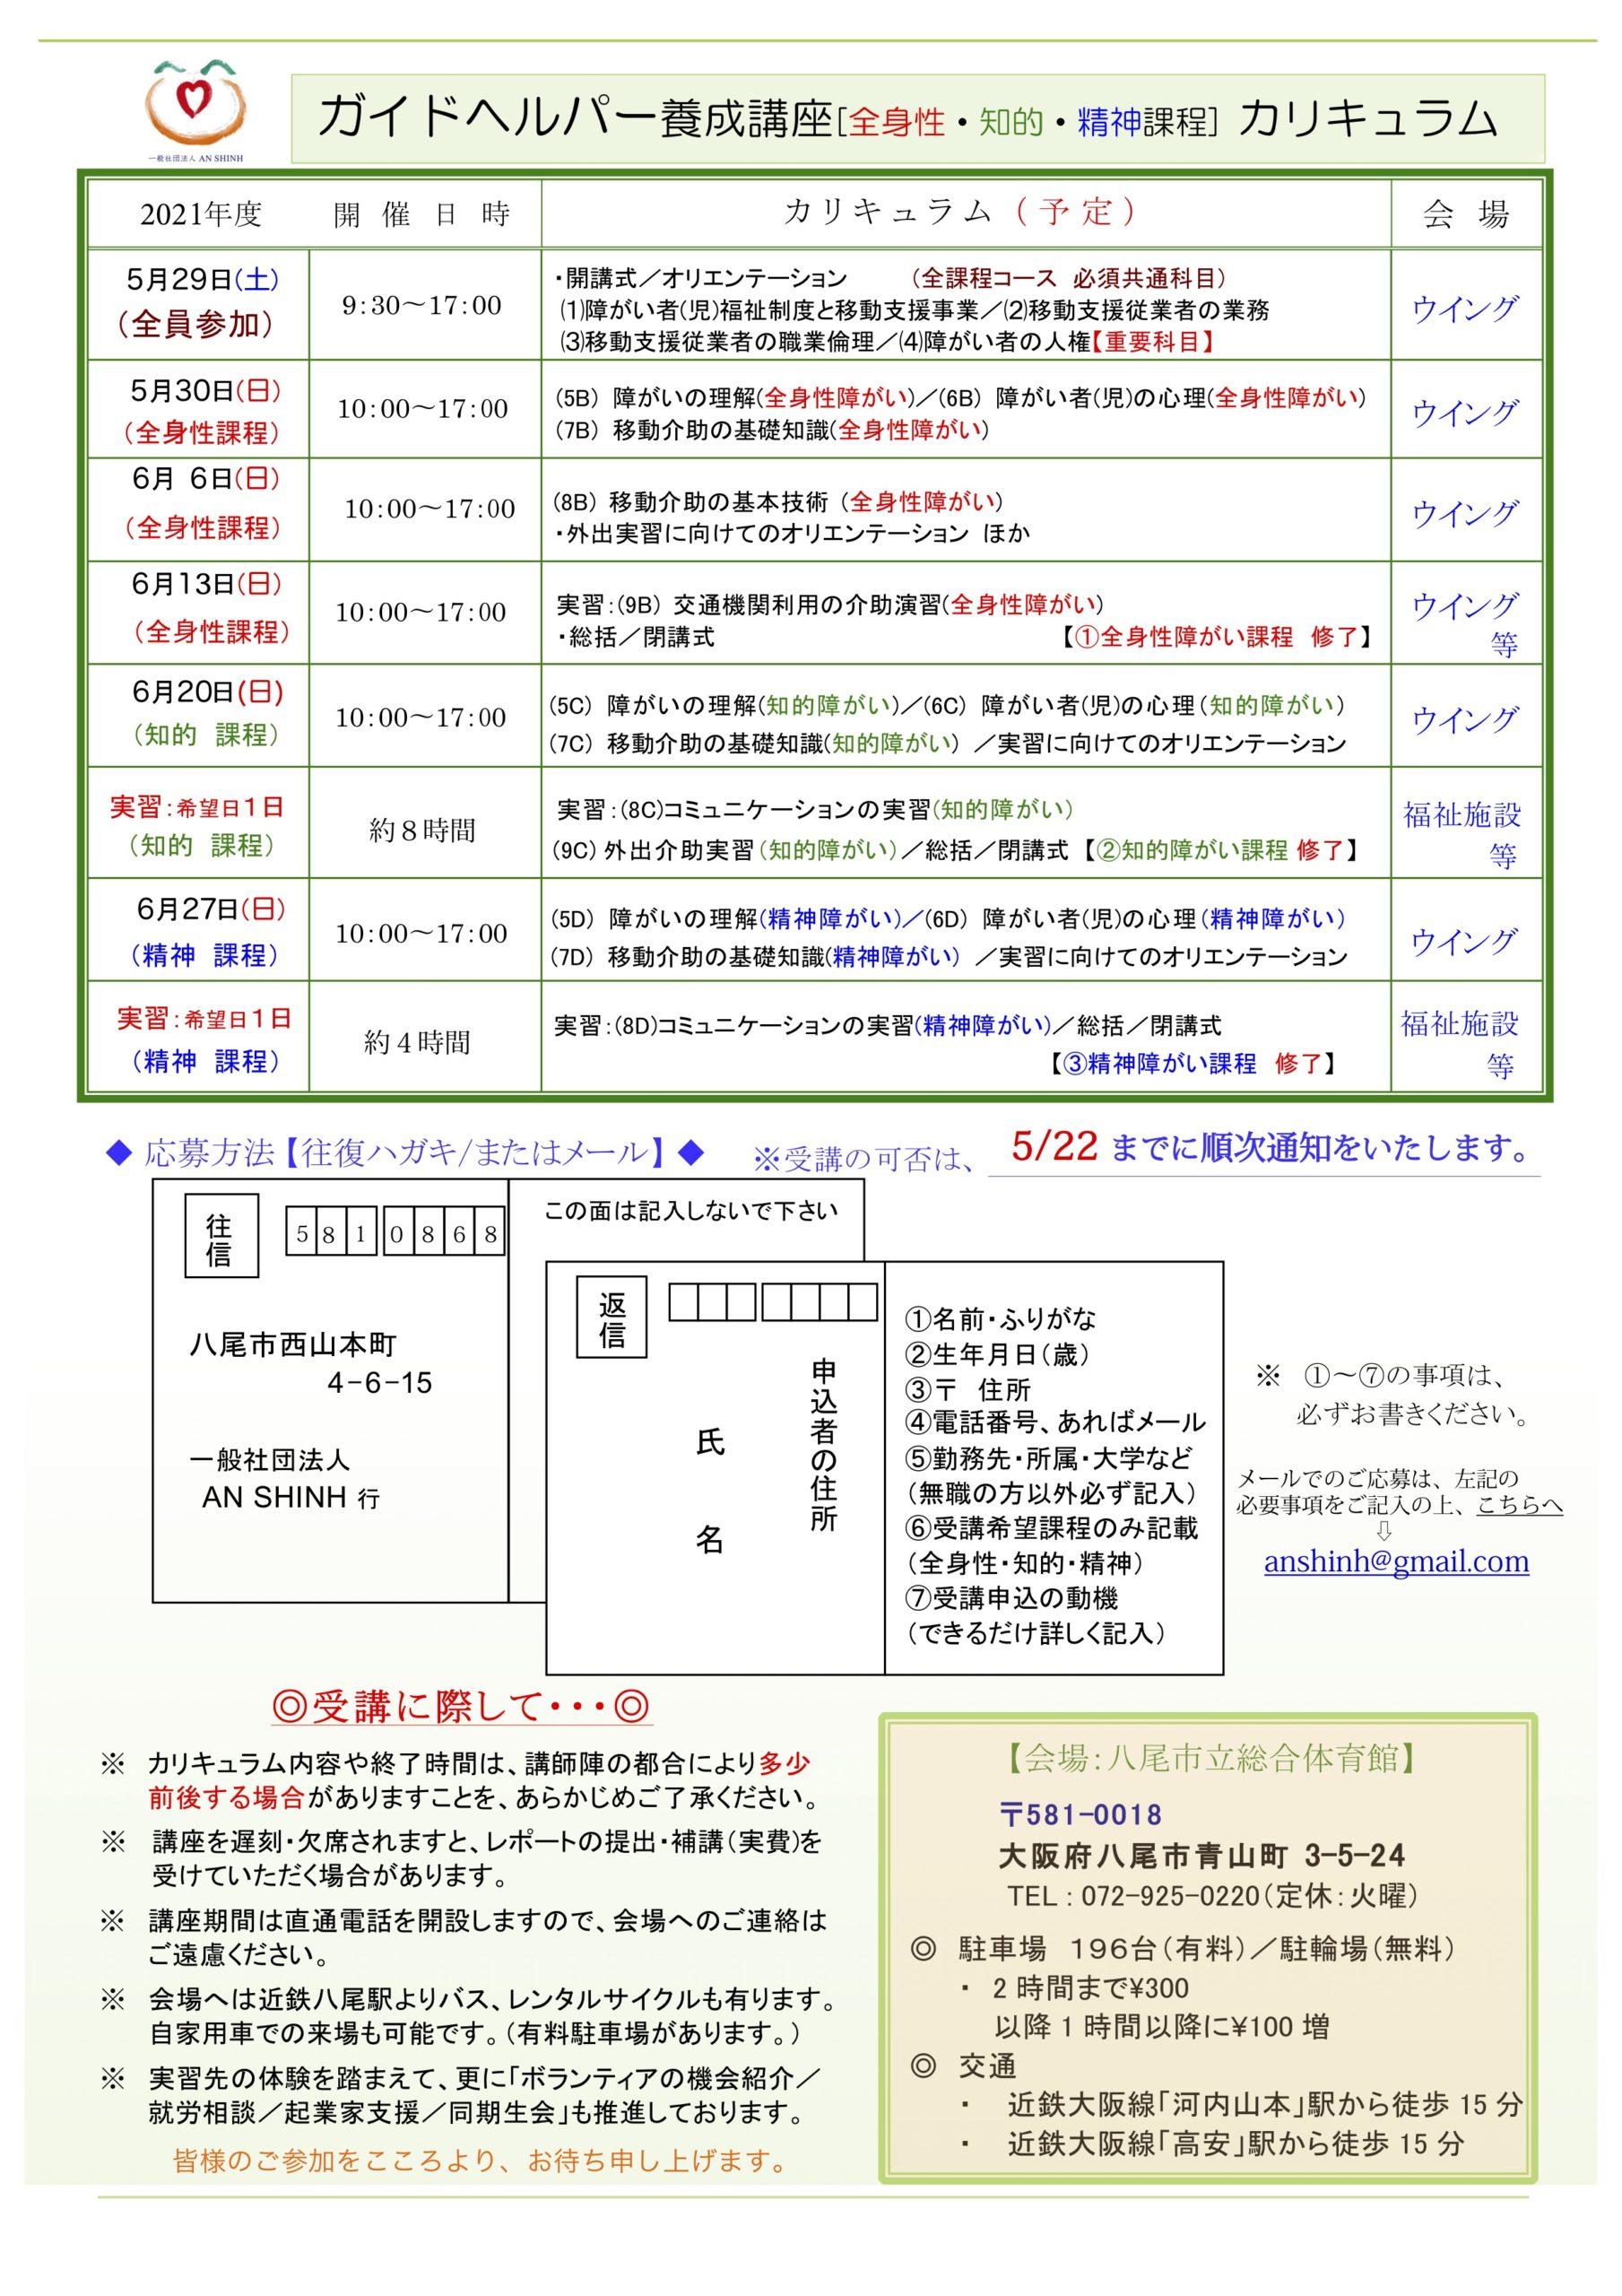 ガイド・ヘルパー養成講座 2021.05.29